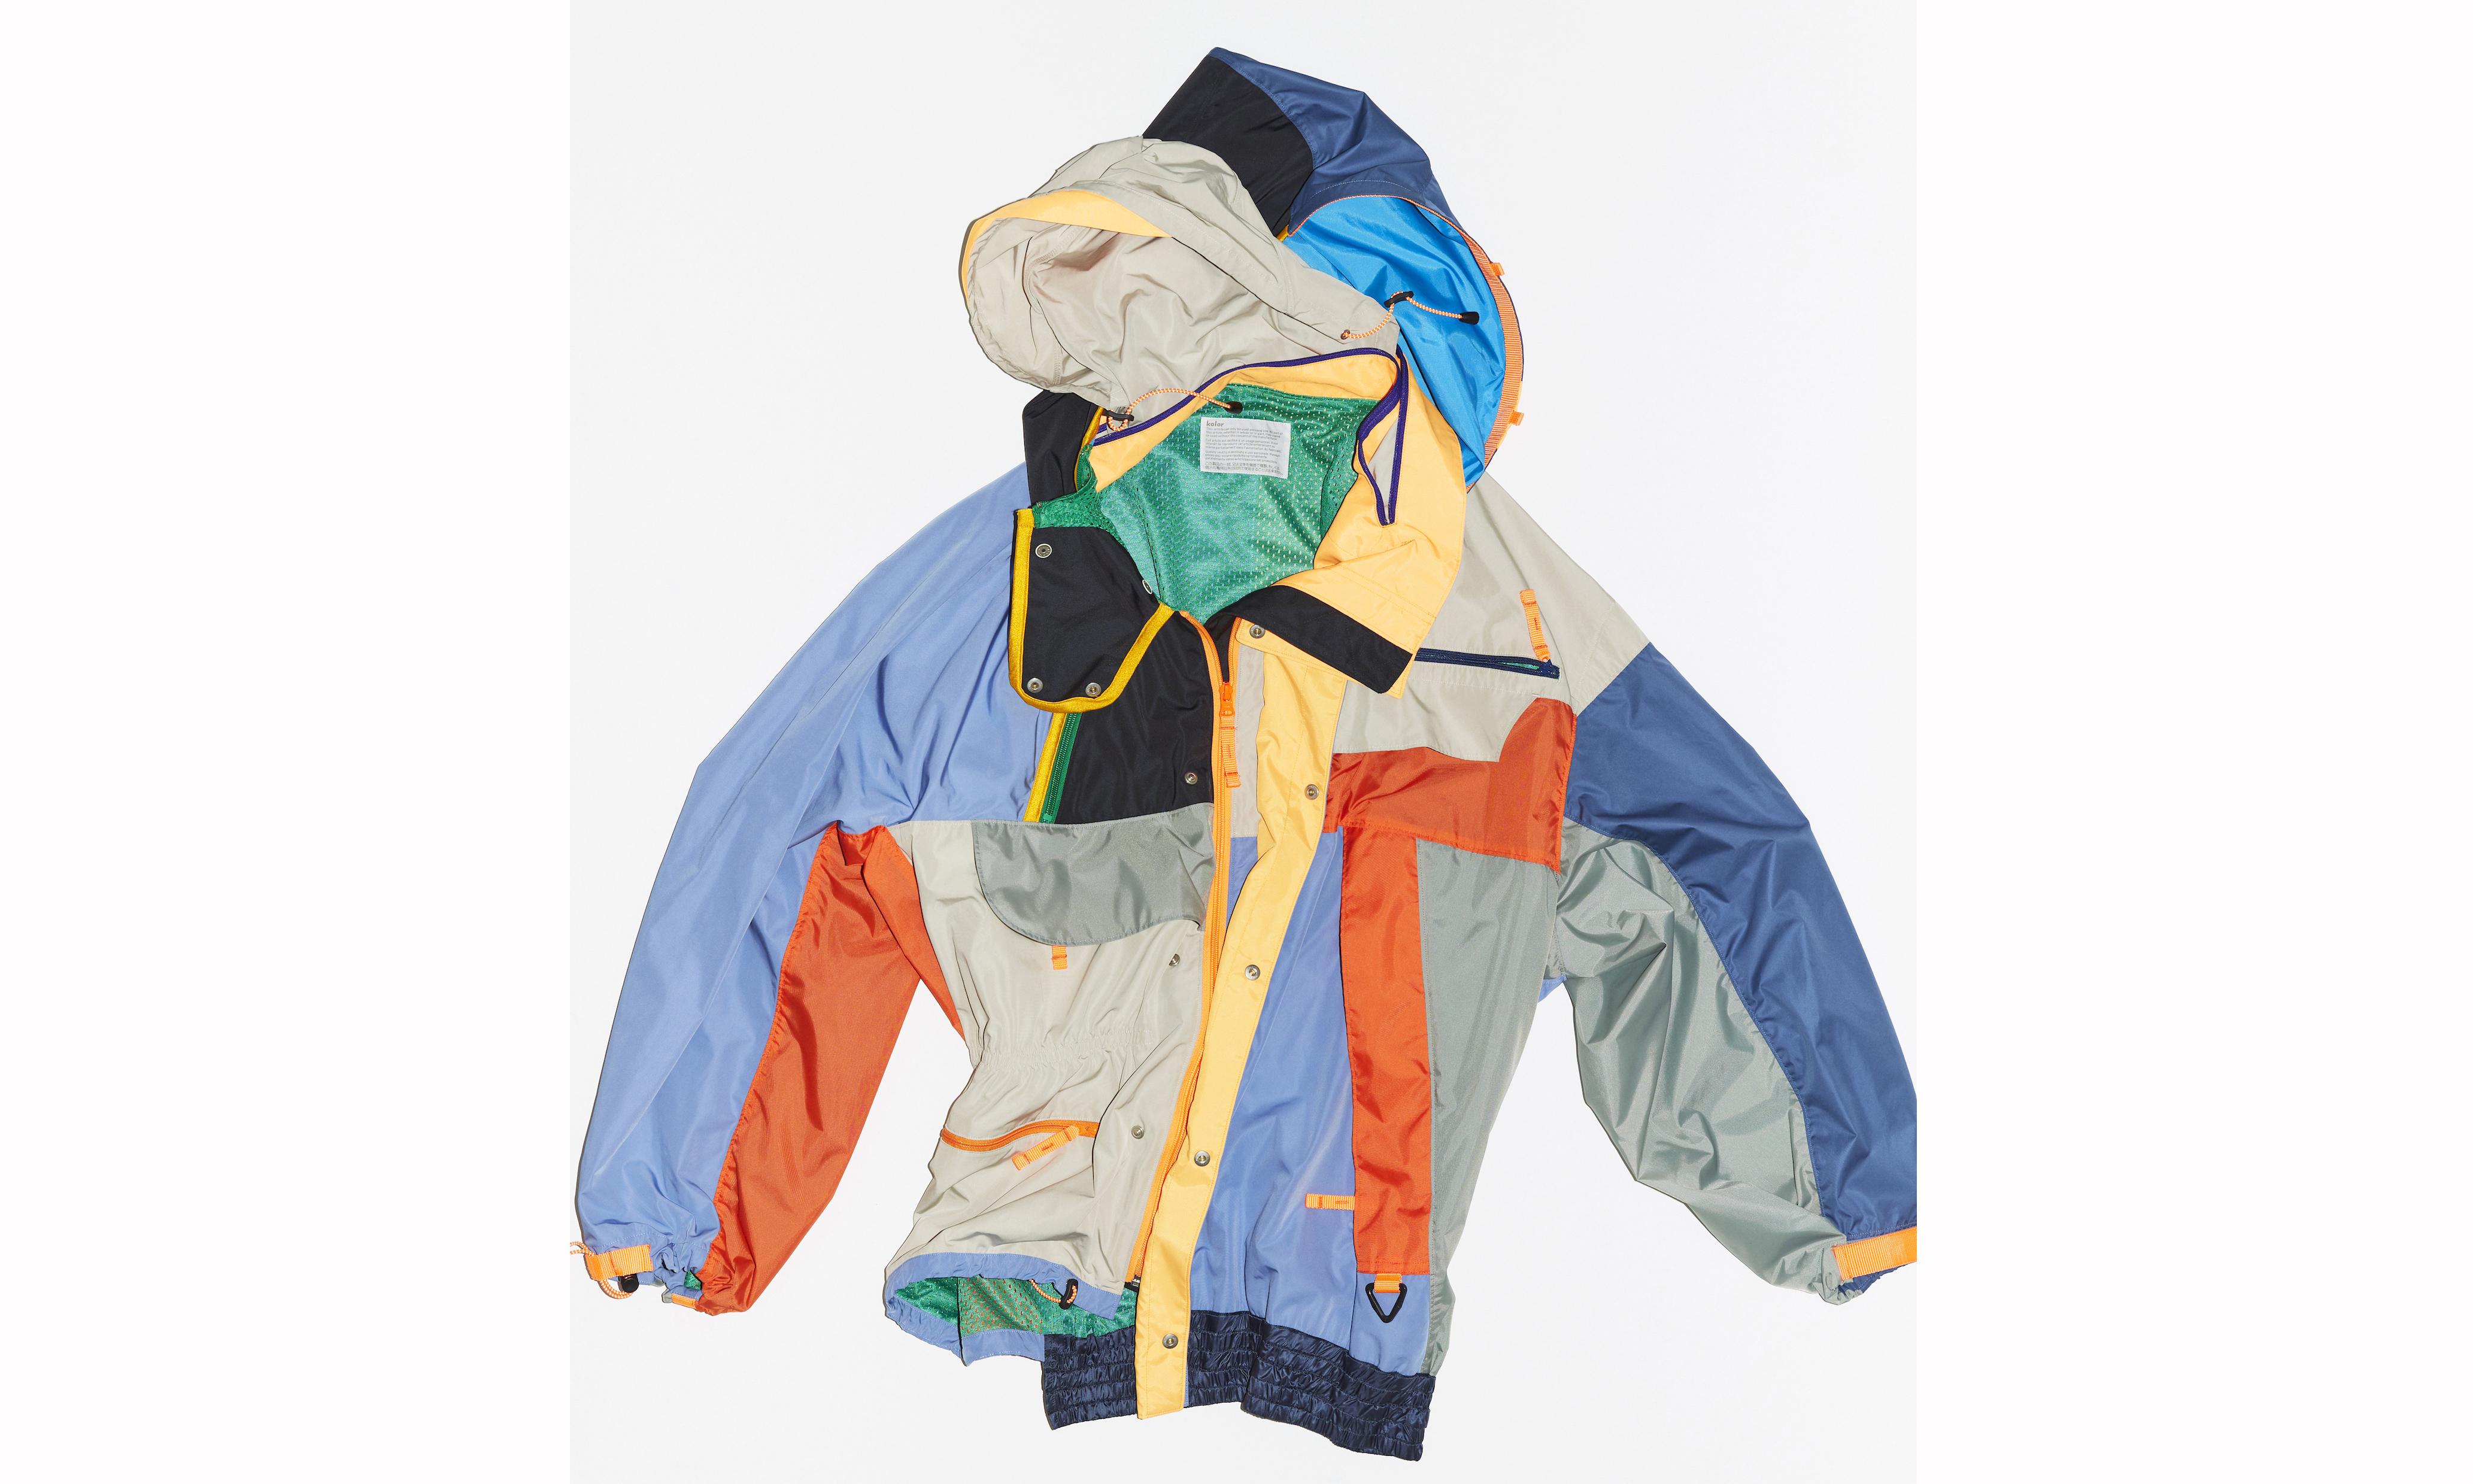 kolor 发布限量不对称运动服系列